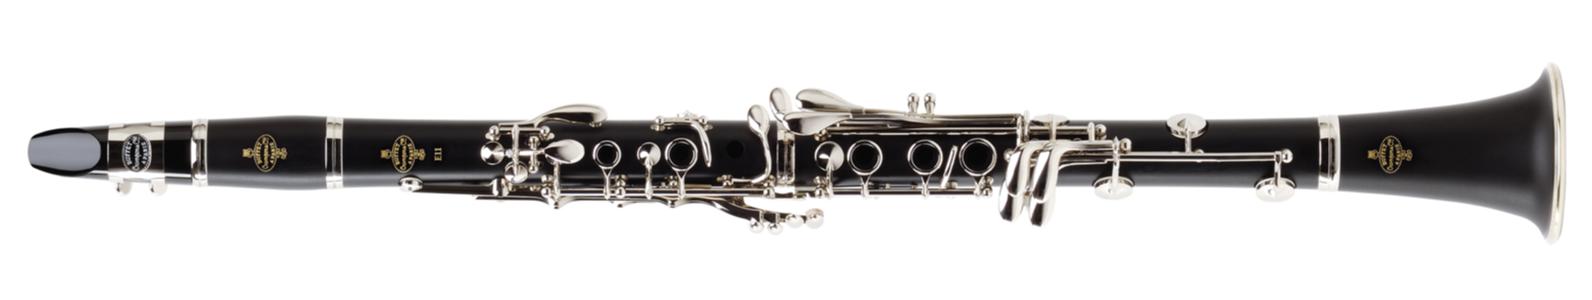 e11 buffet crampon rh buffet crampon com buffet clarinet e12f buffet clarinet e12